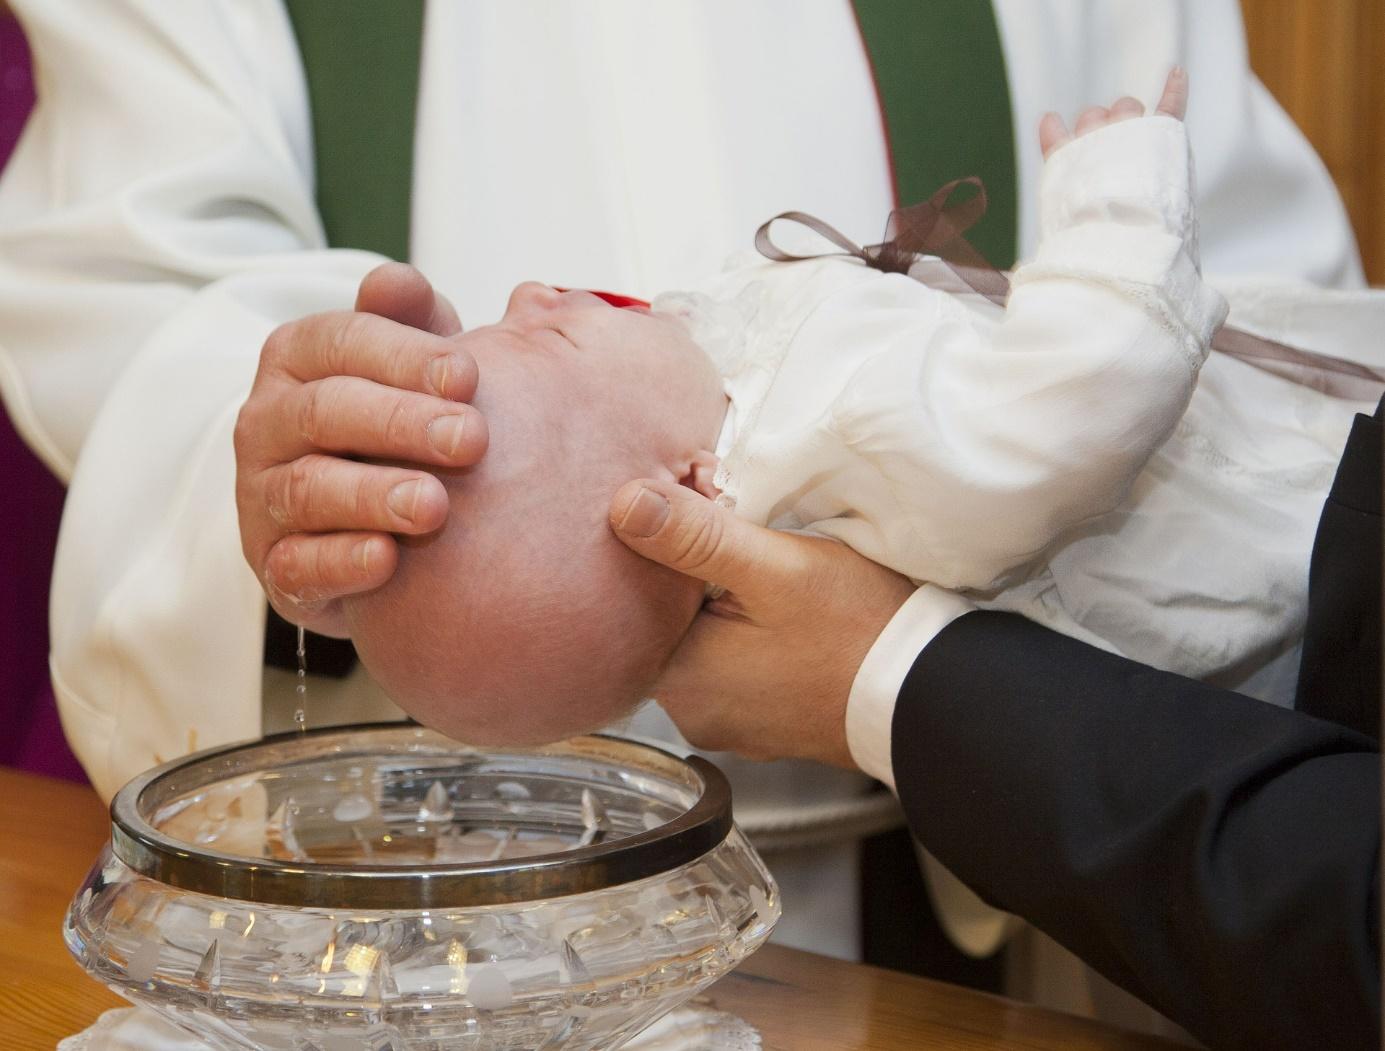 Ein Baby wird getauft